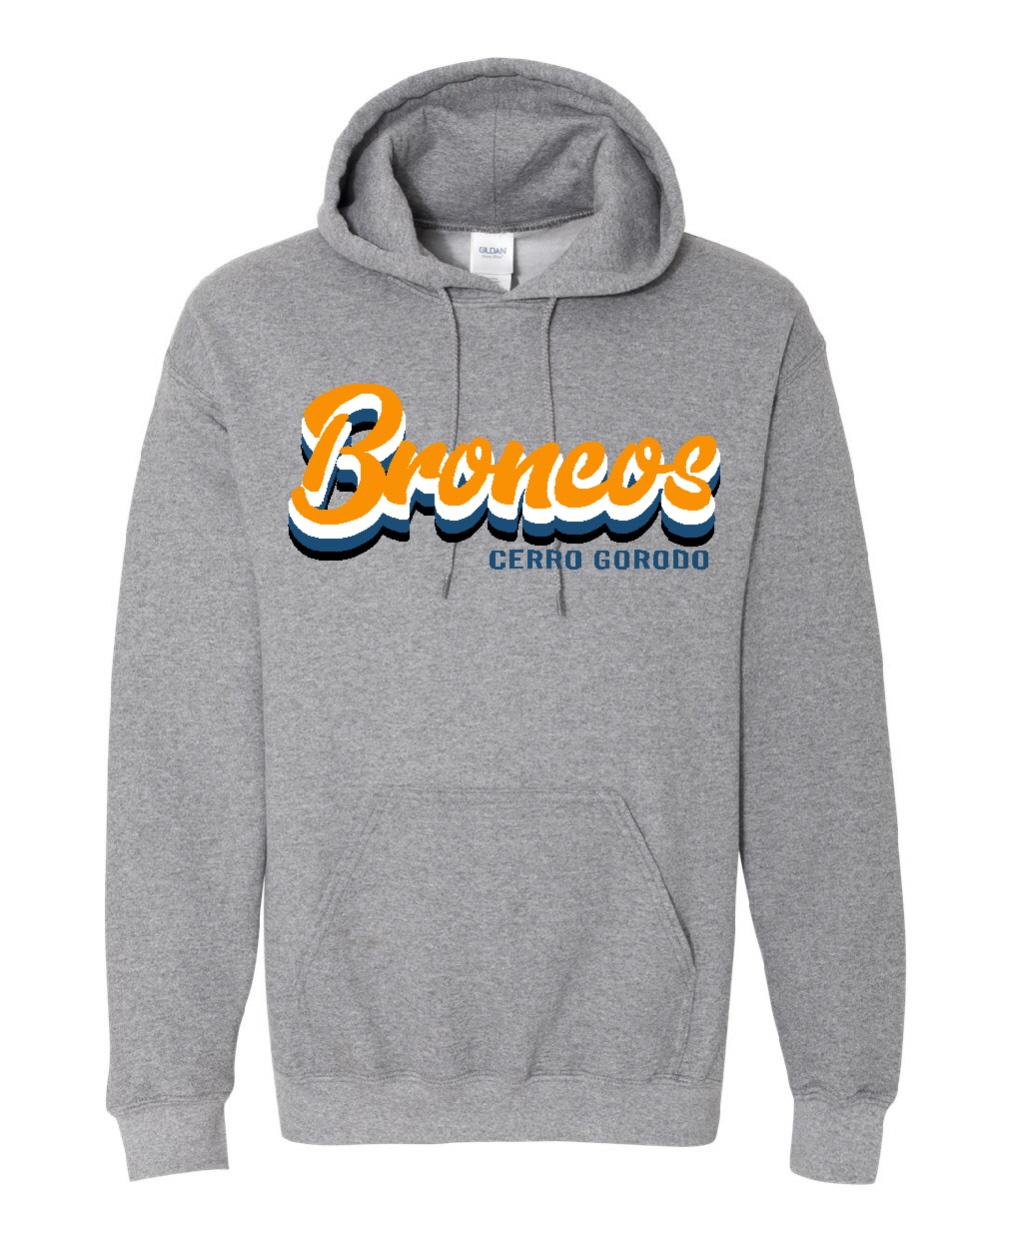 Retro Broncos